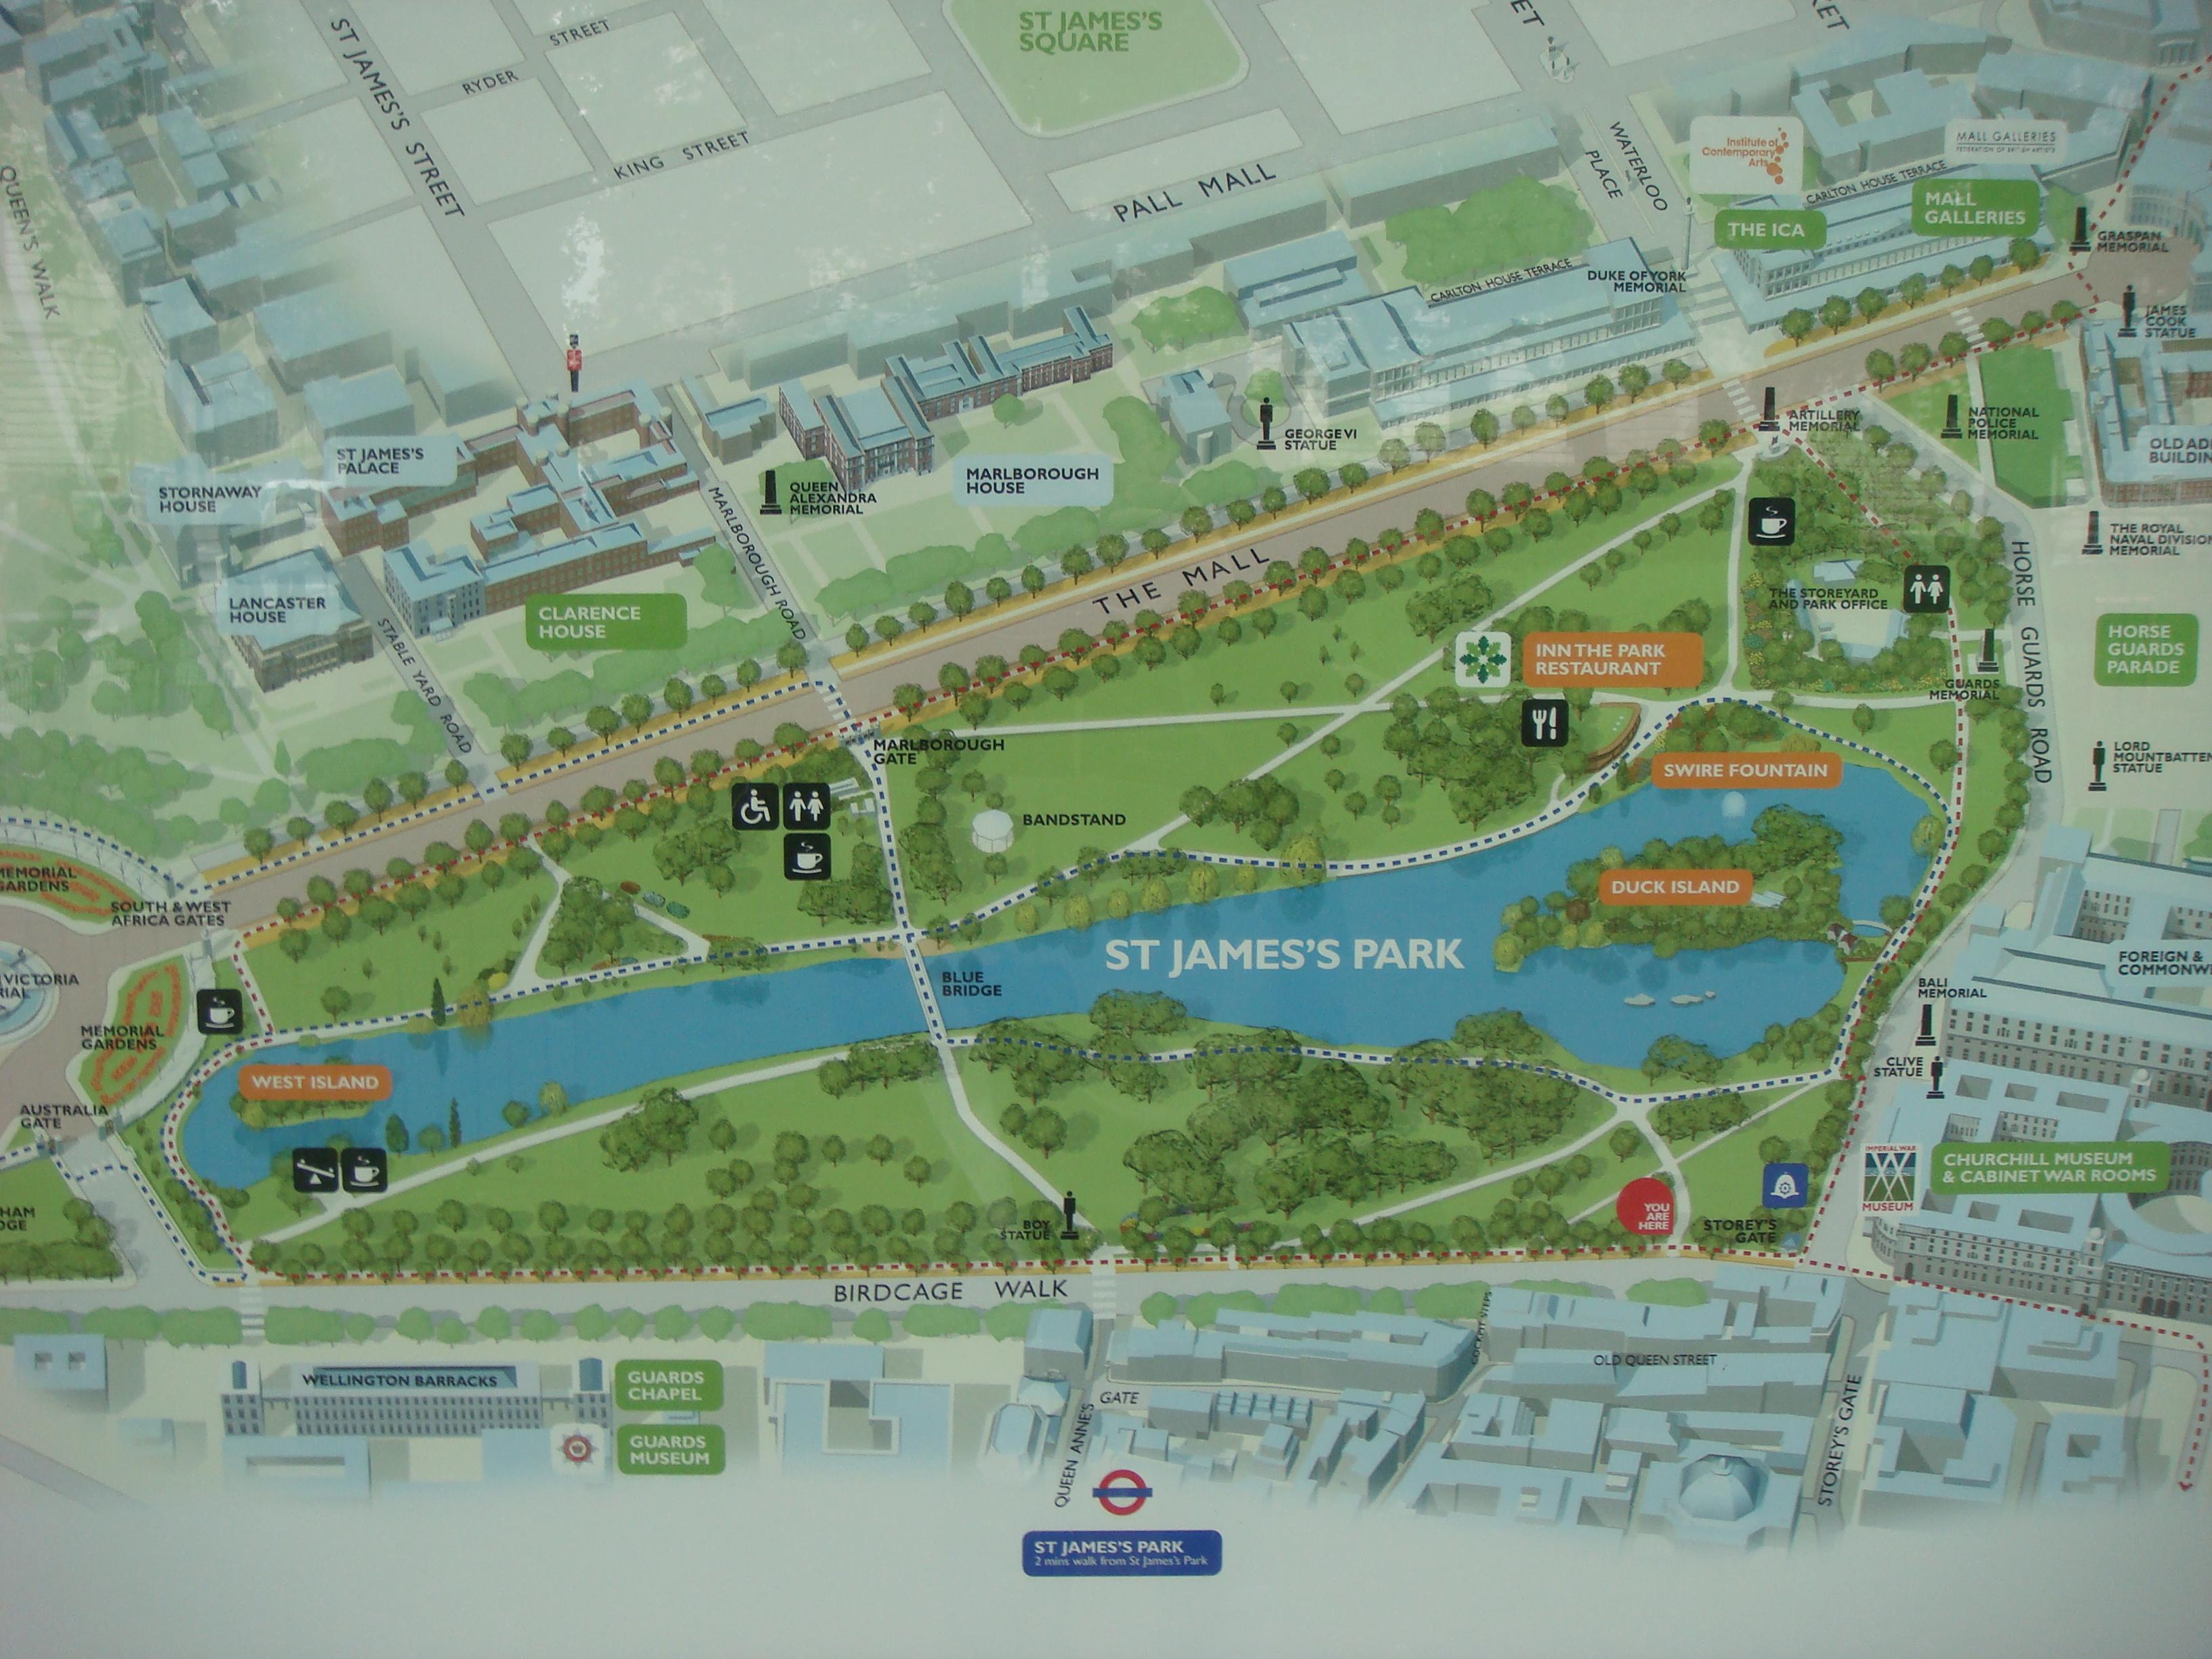 St James Park Map St James Park London Map ~ CINEMERGENTE St James Park Map